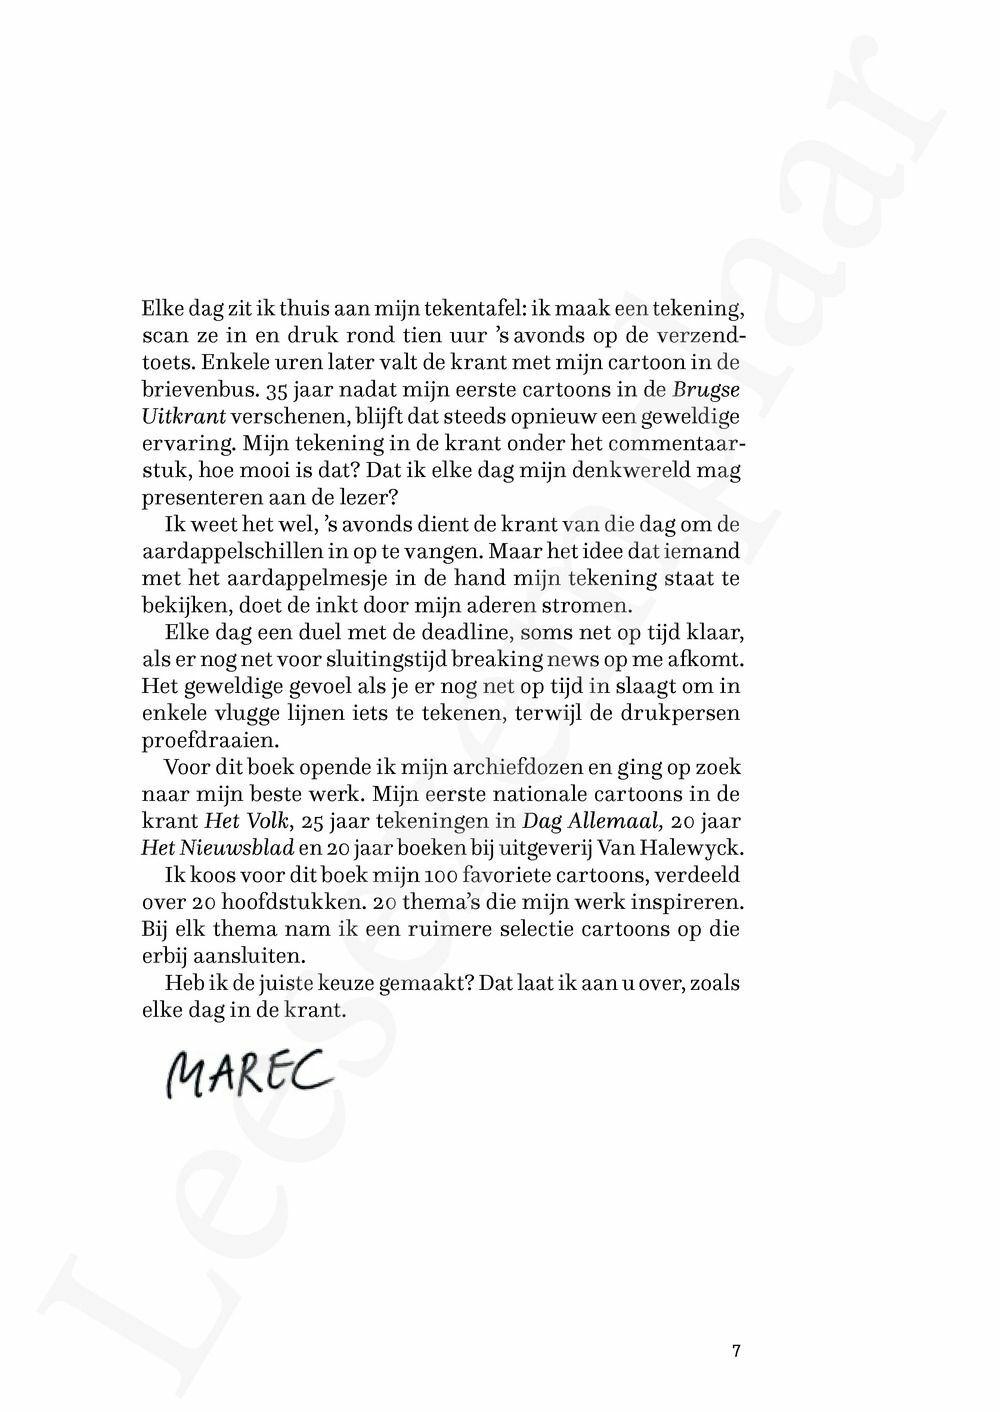 Preview: De keuze van Marec